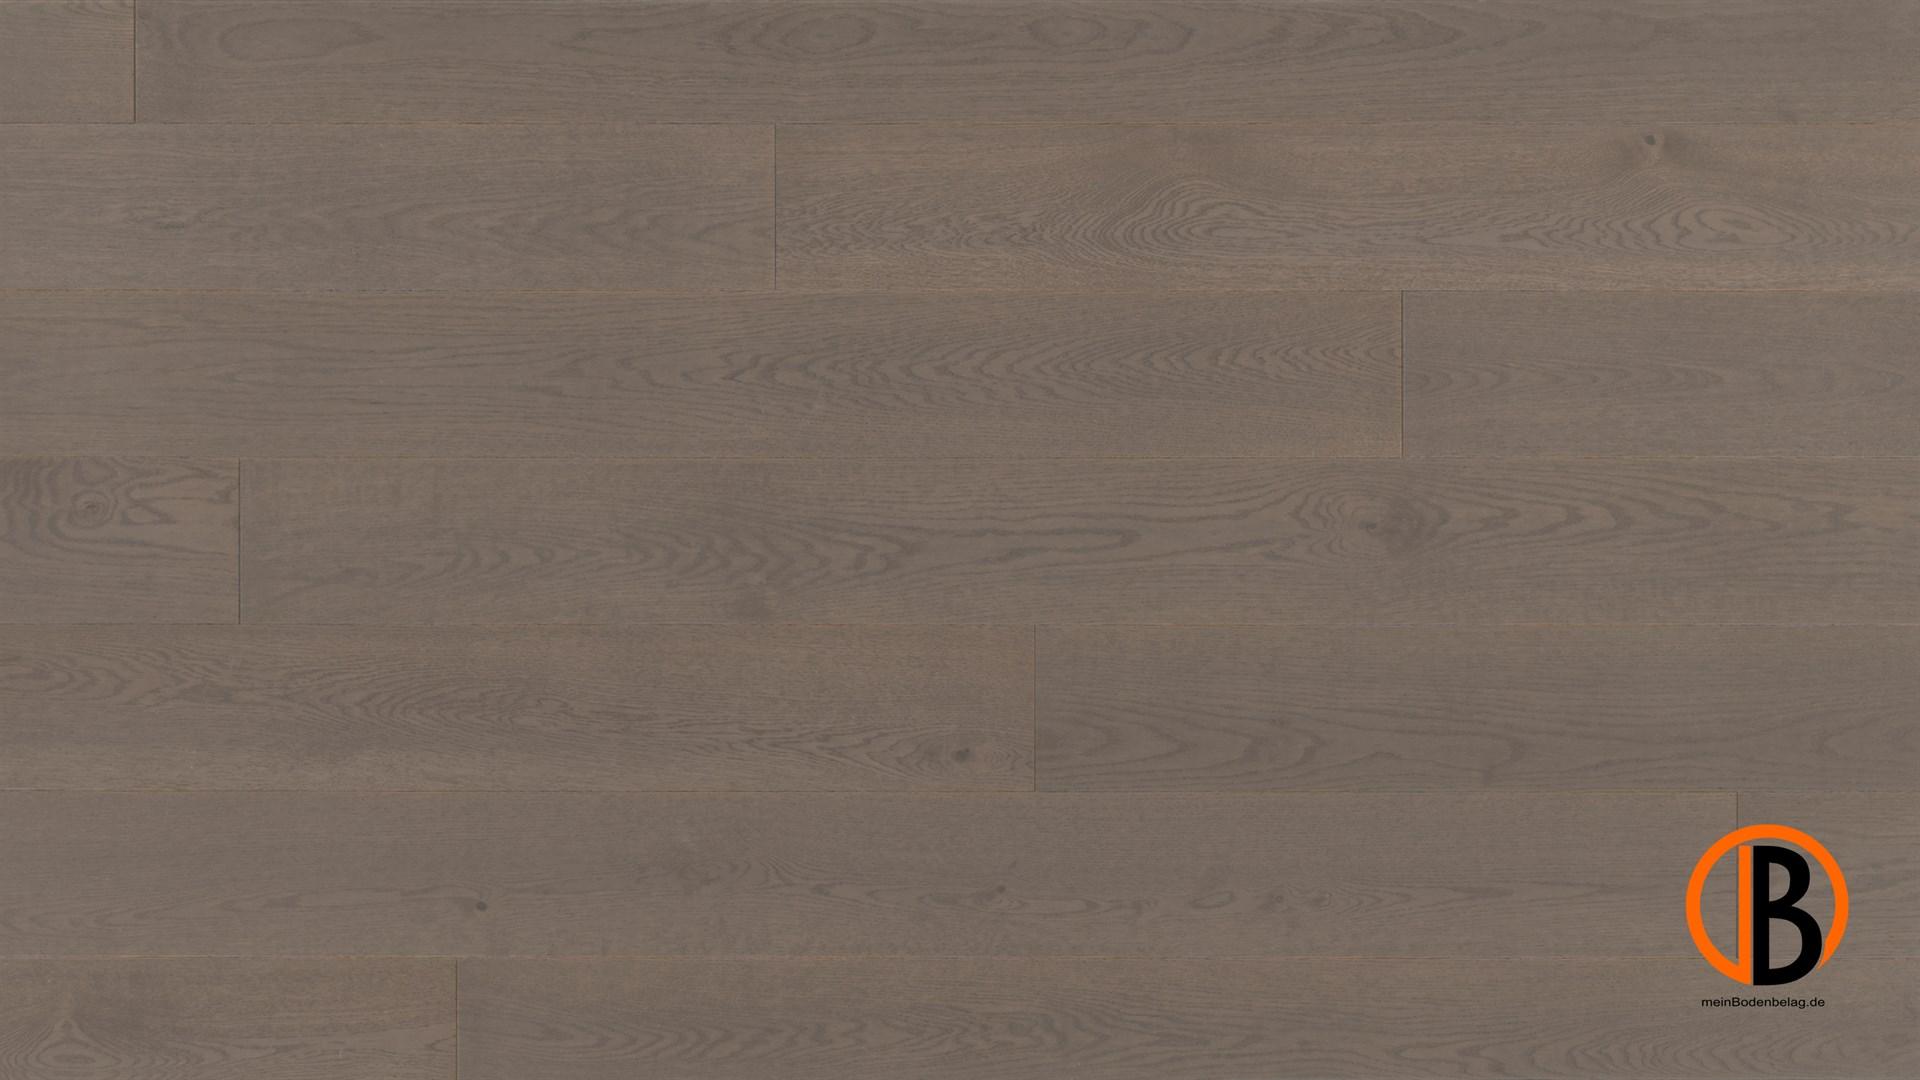 CINQUE PARADOR PARKETT 3060 NATUR | 10000791;0 | Bild 1